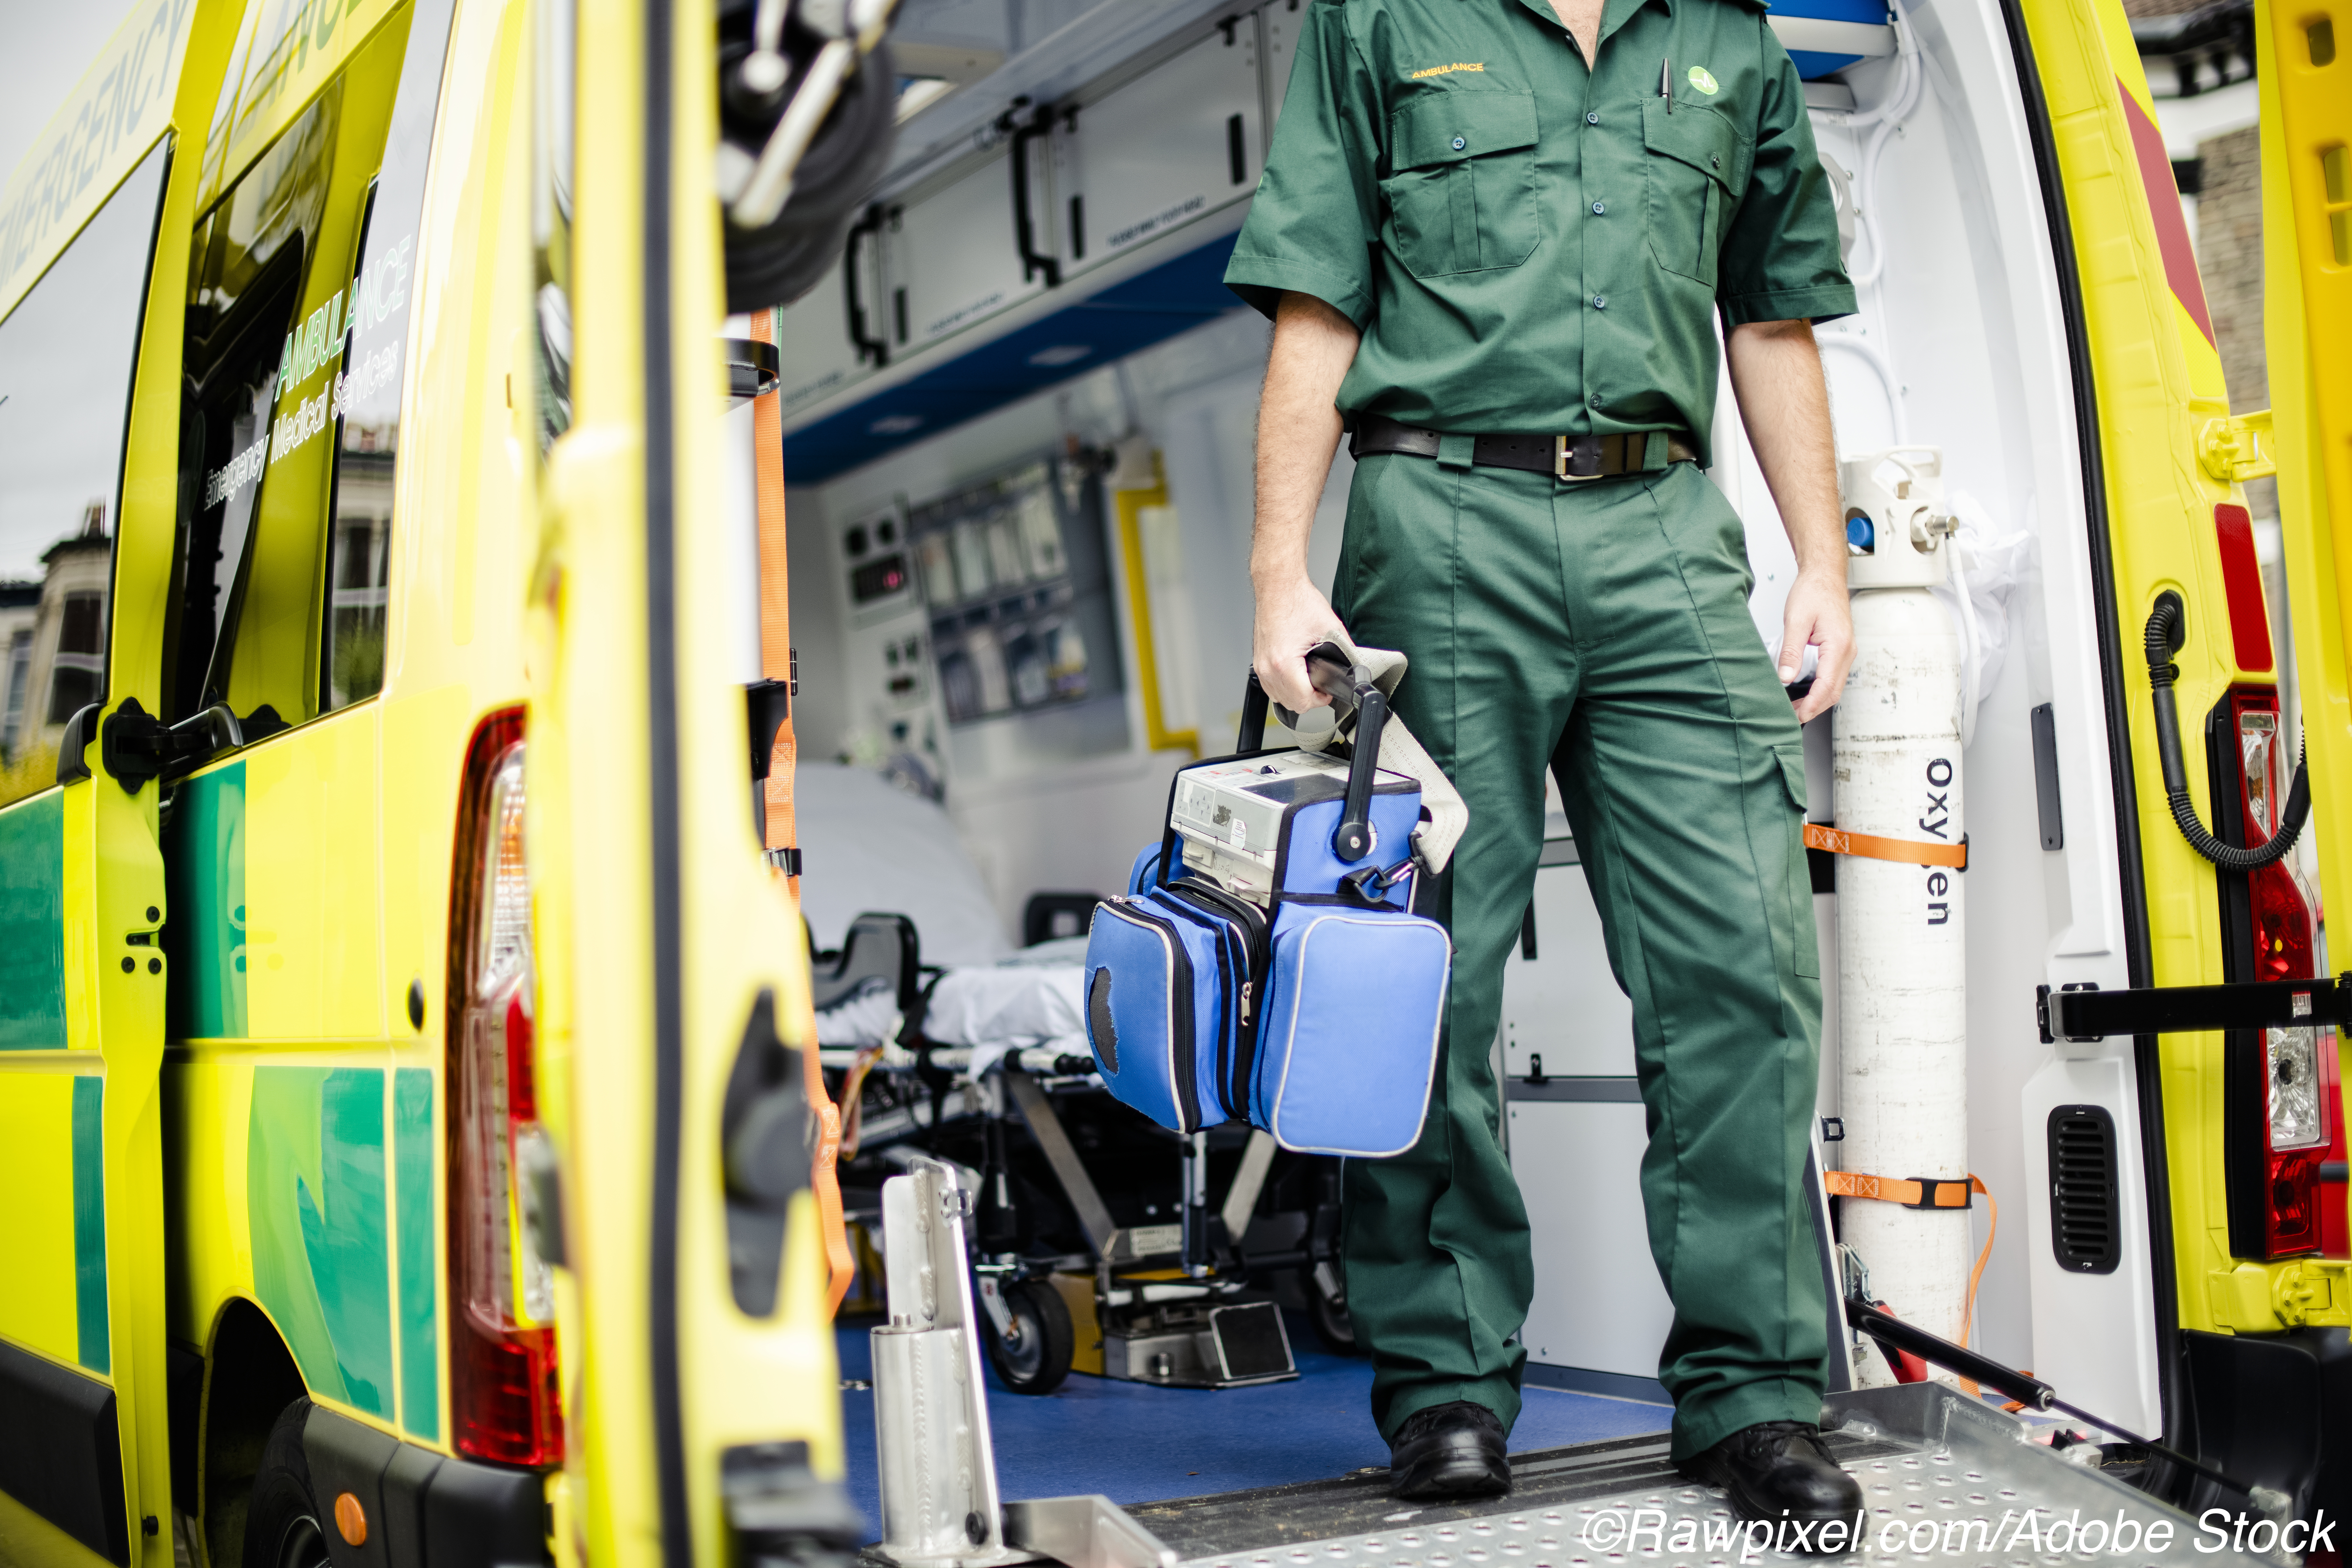 Cardiac Arrest: Resuscitate On-Scene, Then Transport